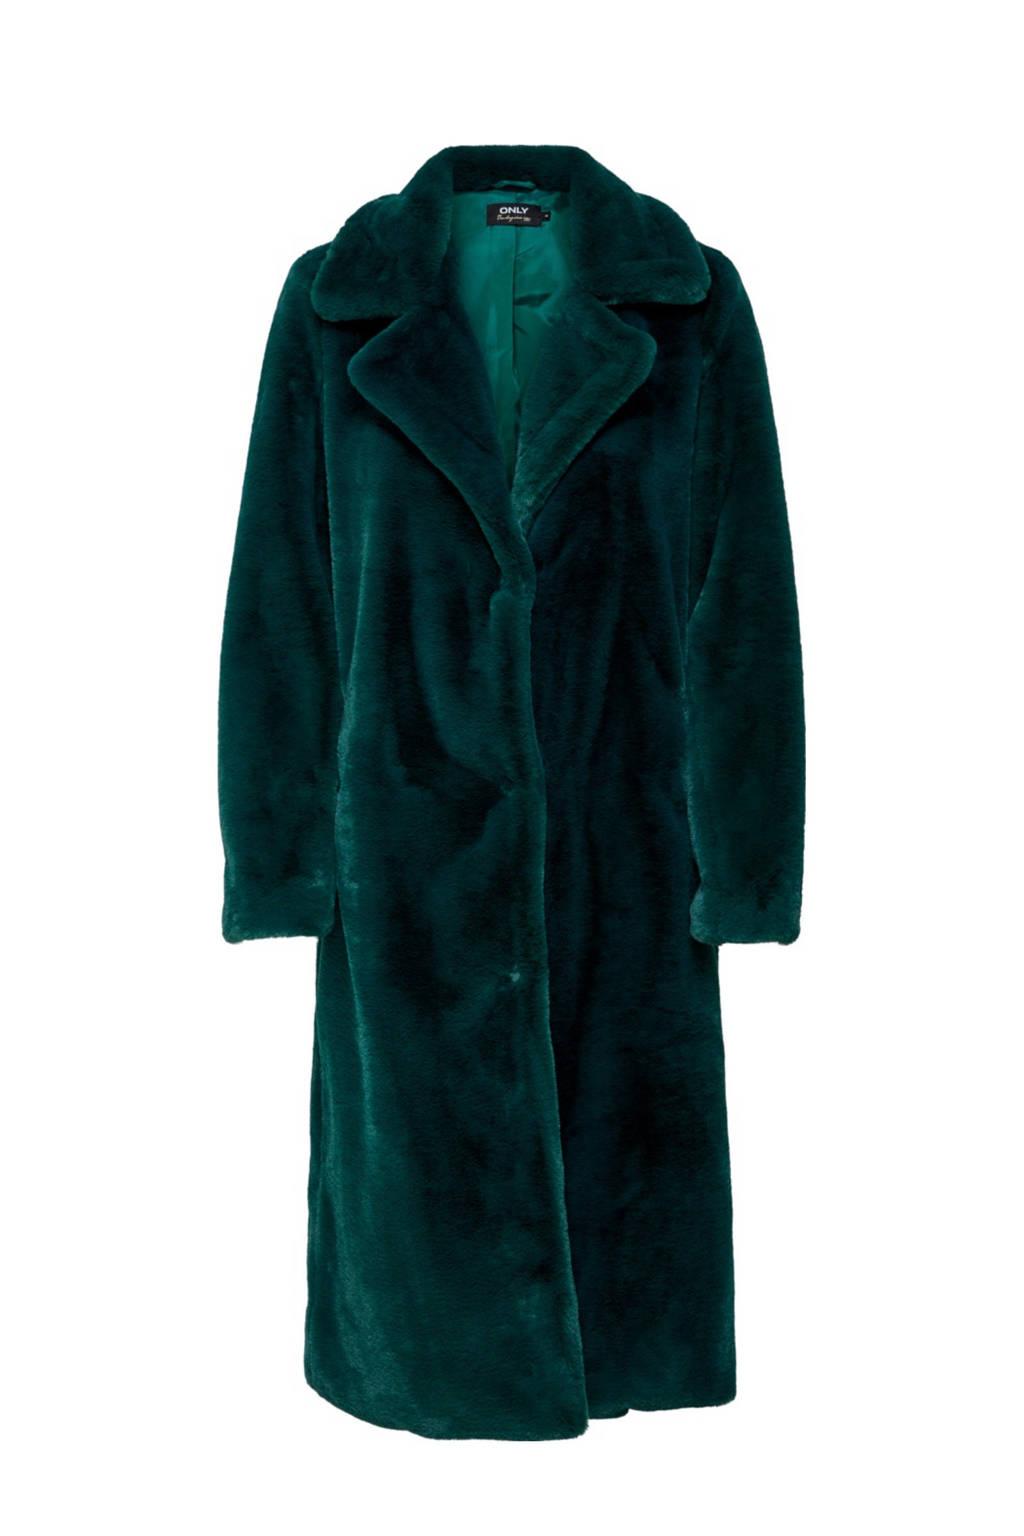 ONLY imitatiebont winterjas groen, Groen